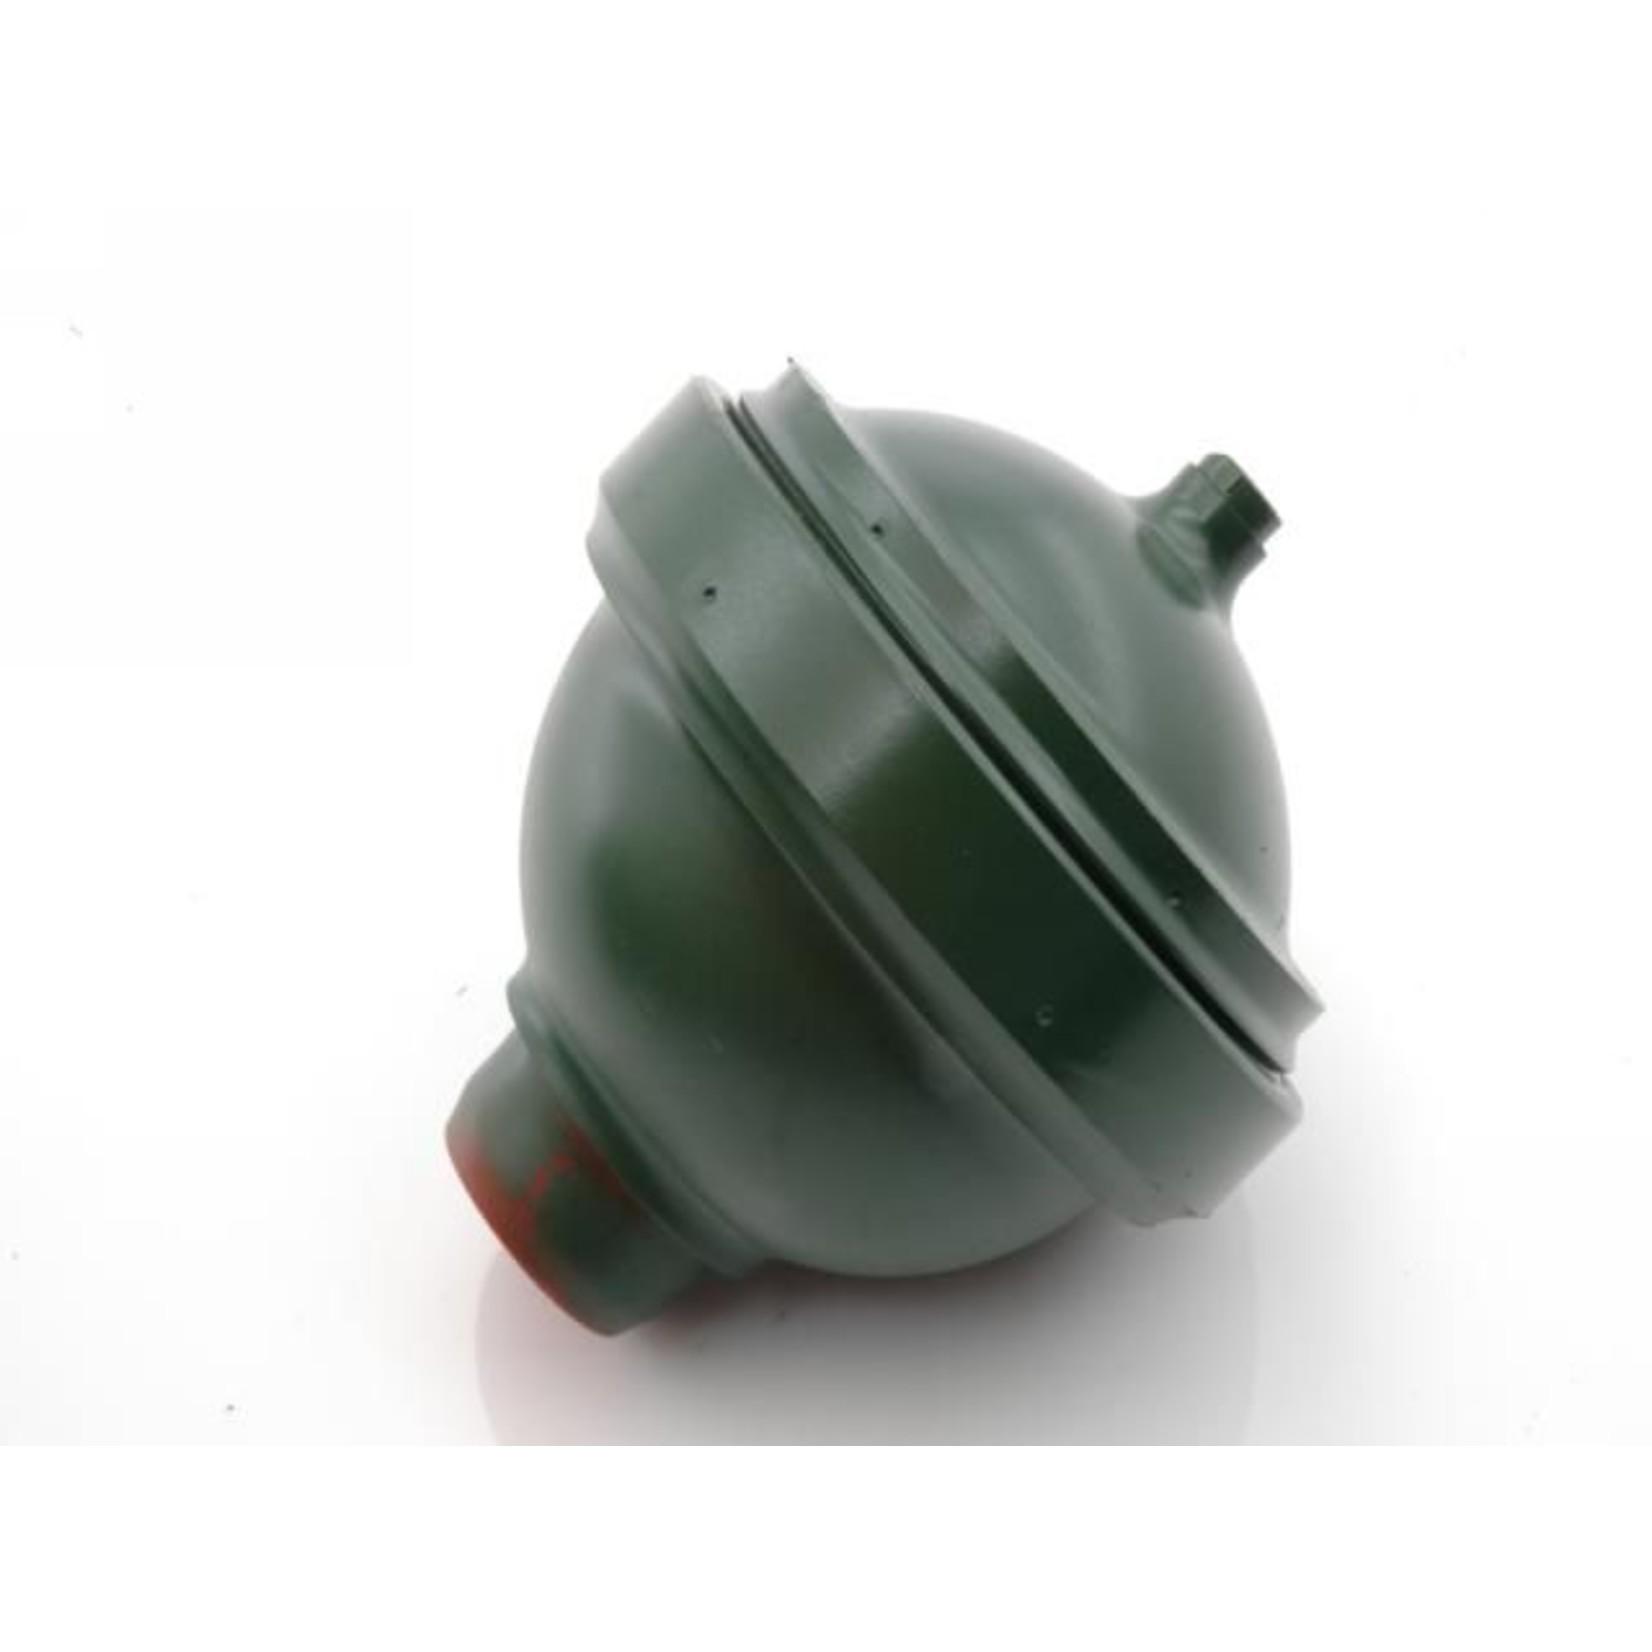 Esfera accumulador principal reaconditionado LHM 65 bar Nr Org: 5415423